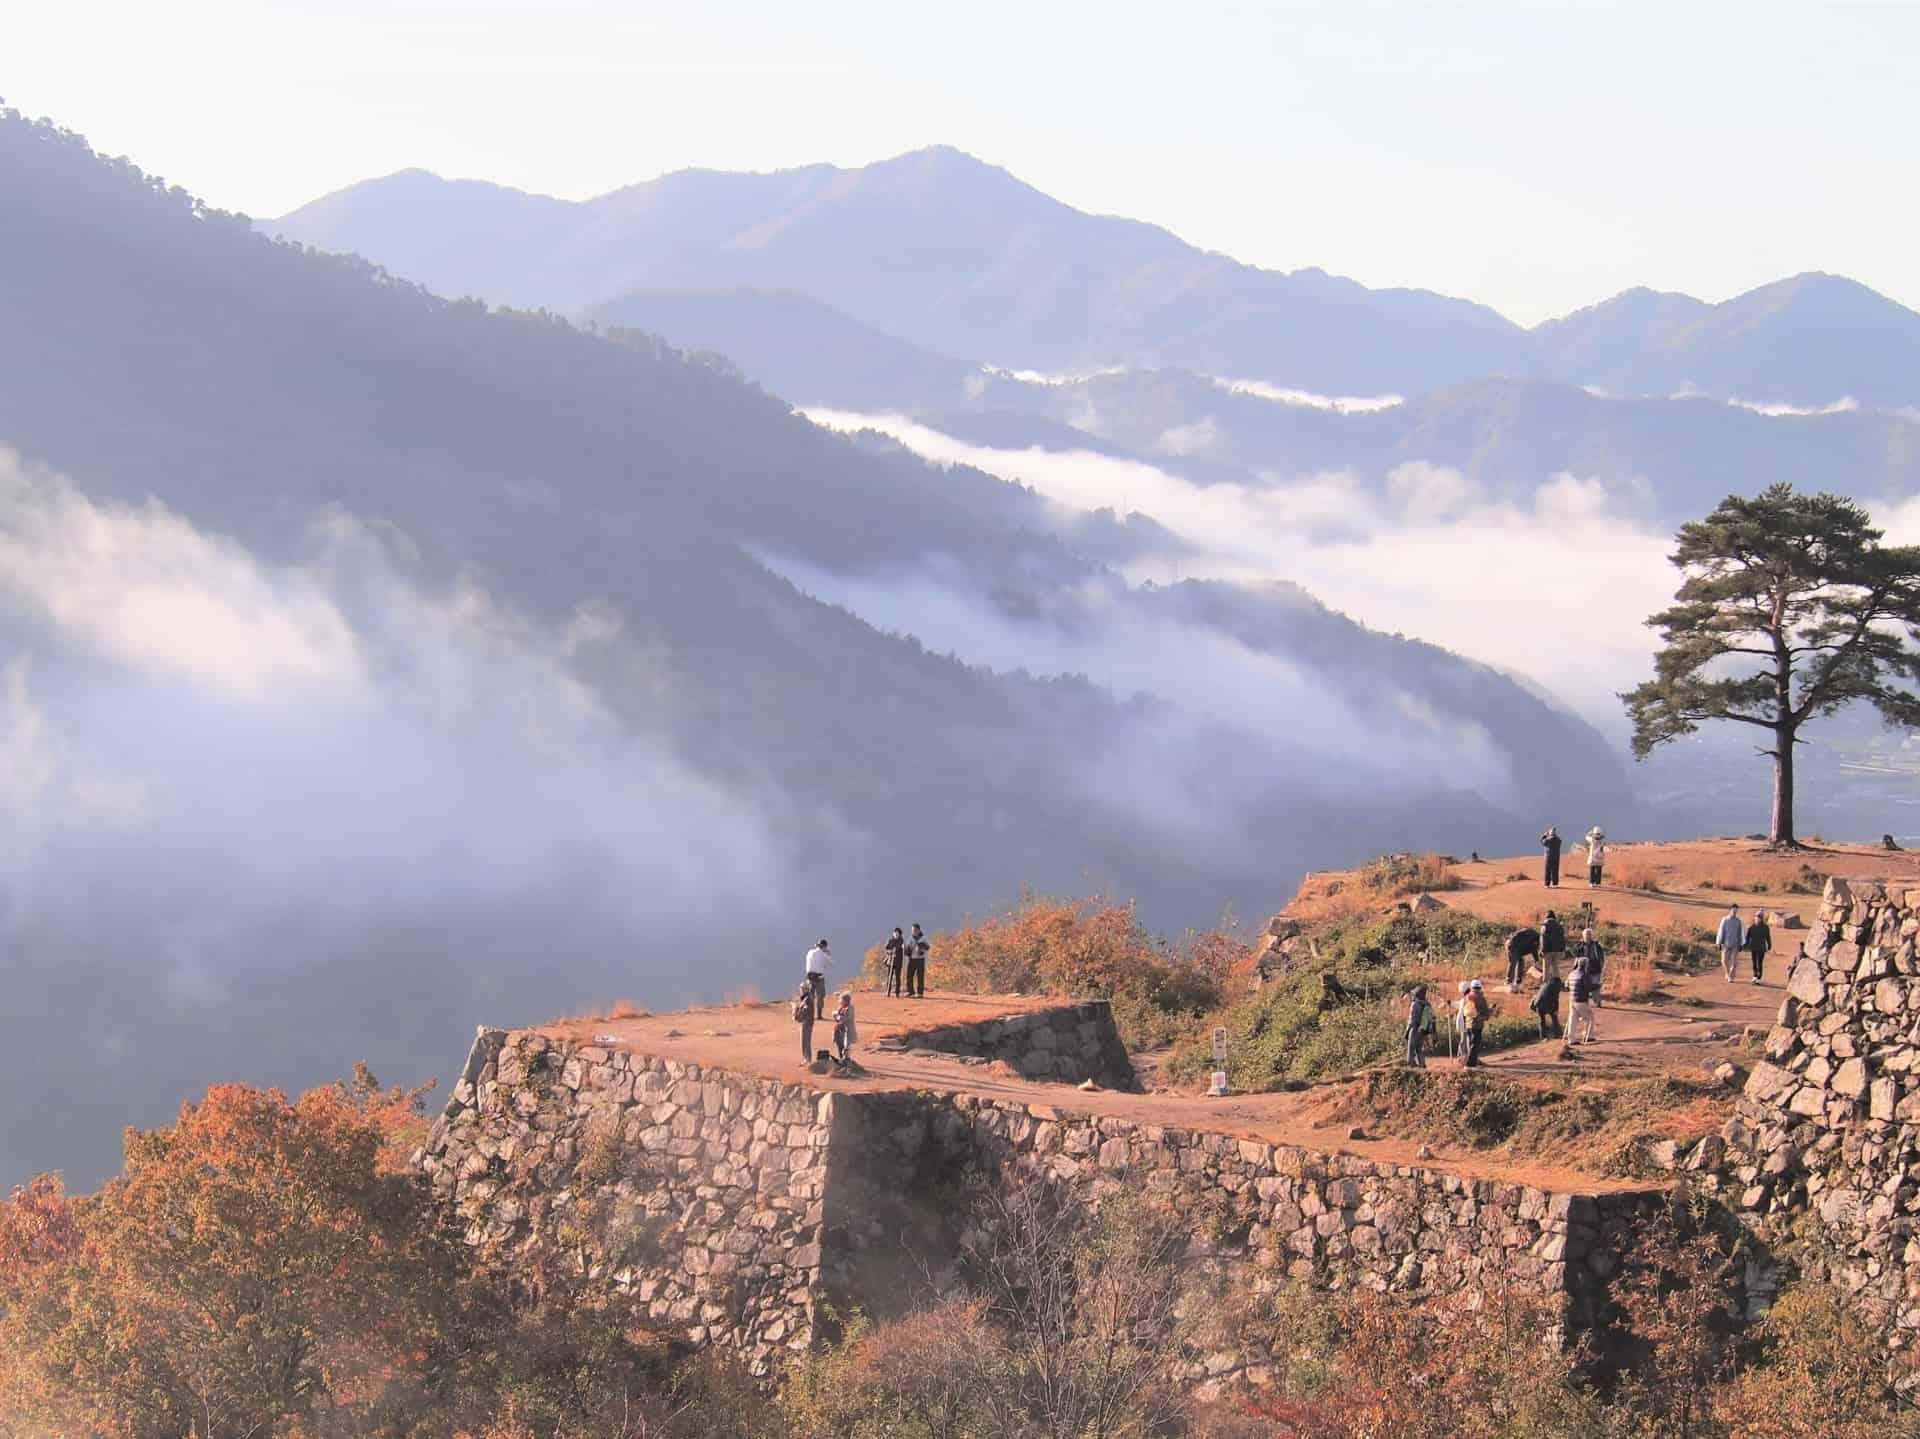 ปราสาททาเคดะ (Takeda Castle) ปราสาทญี่ปุ่น ที่ตั้งอยู่บนเขาสูงของจ.เฮียวโงะ